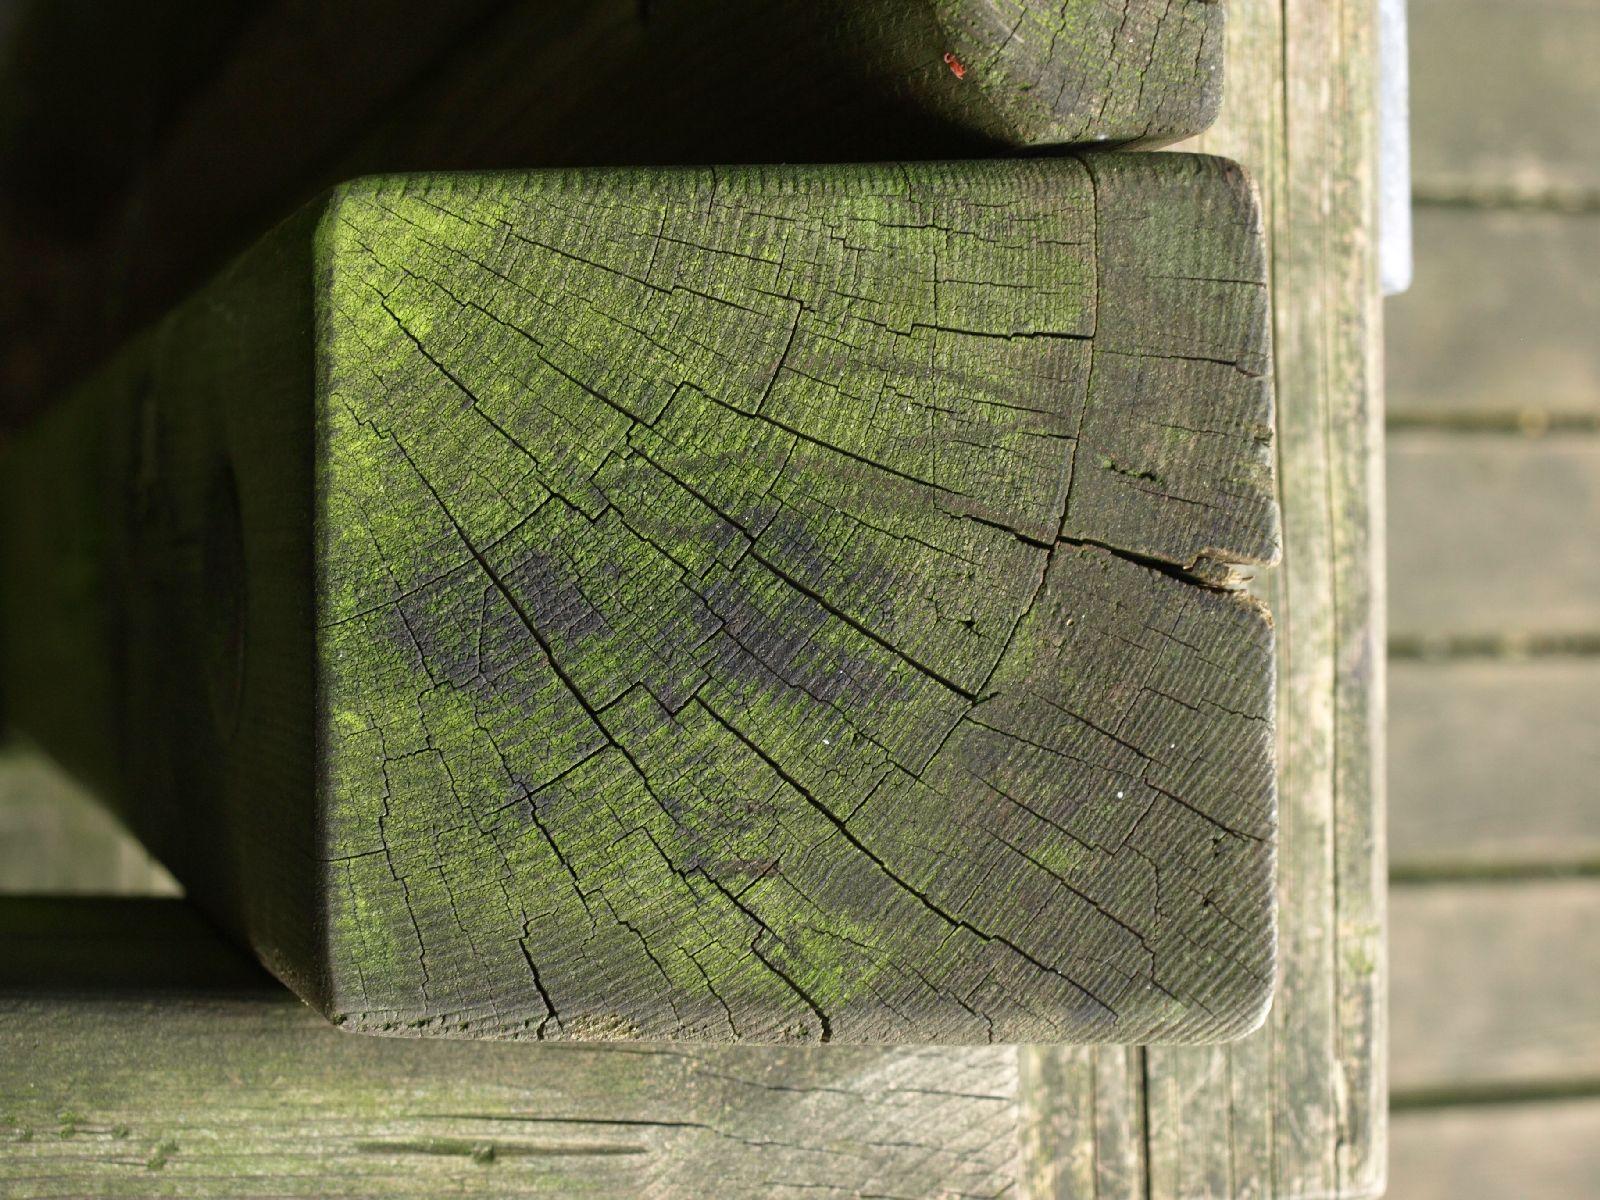 Holz_Textur_A_P9129624